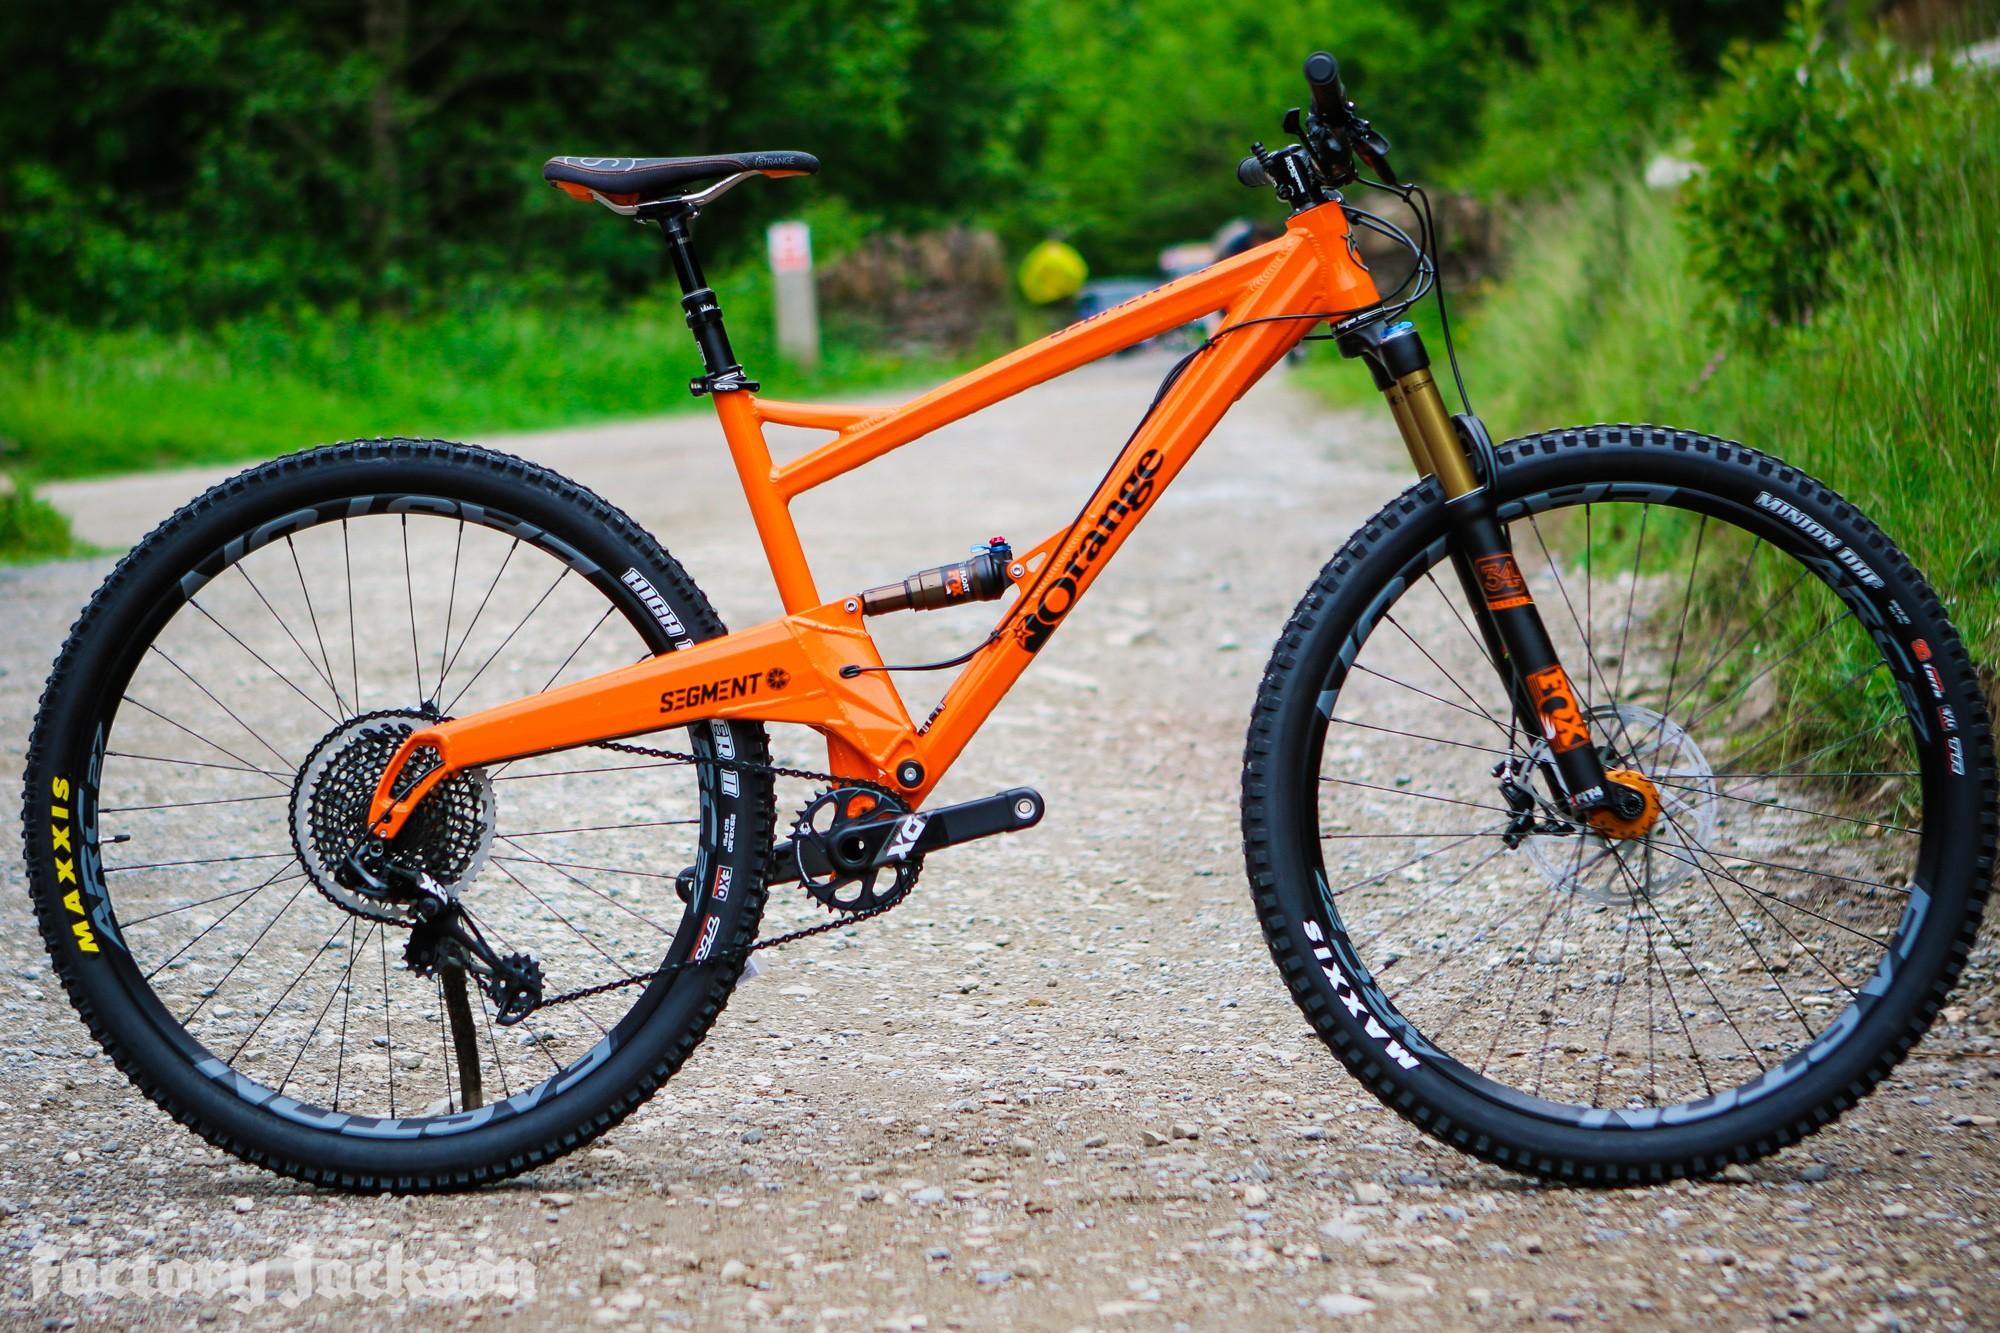 Orange Bikes 2017 | Our Top Picks - Factory Jackson Factory Jackson